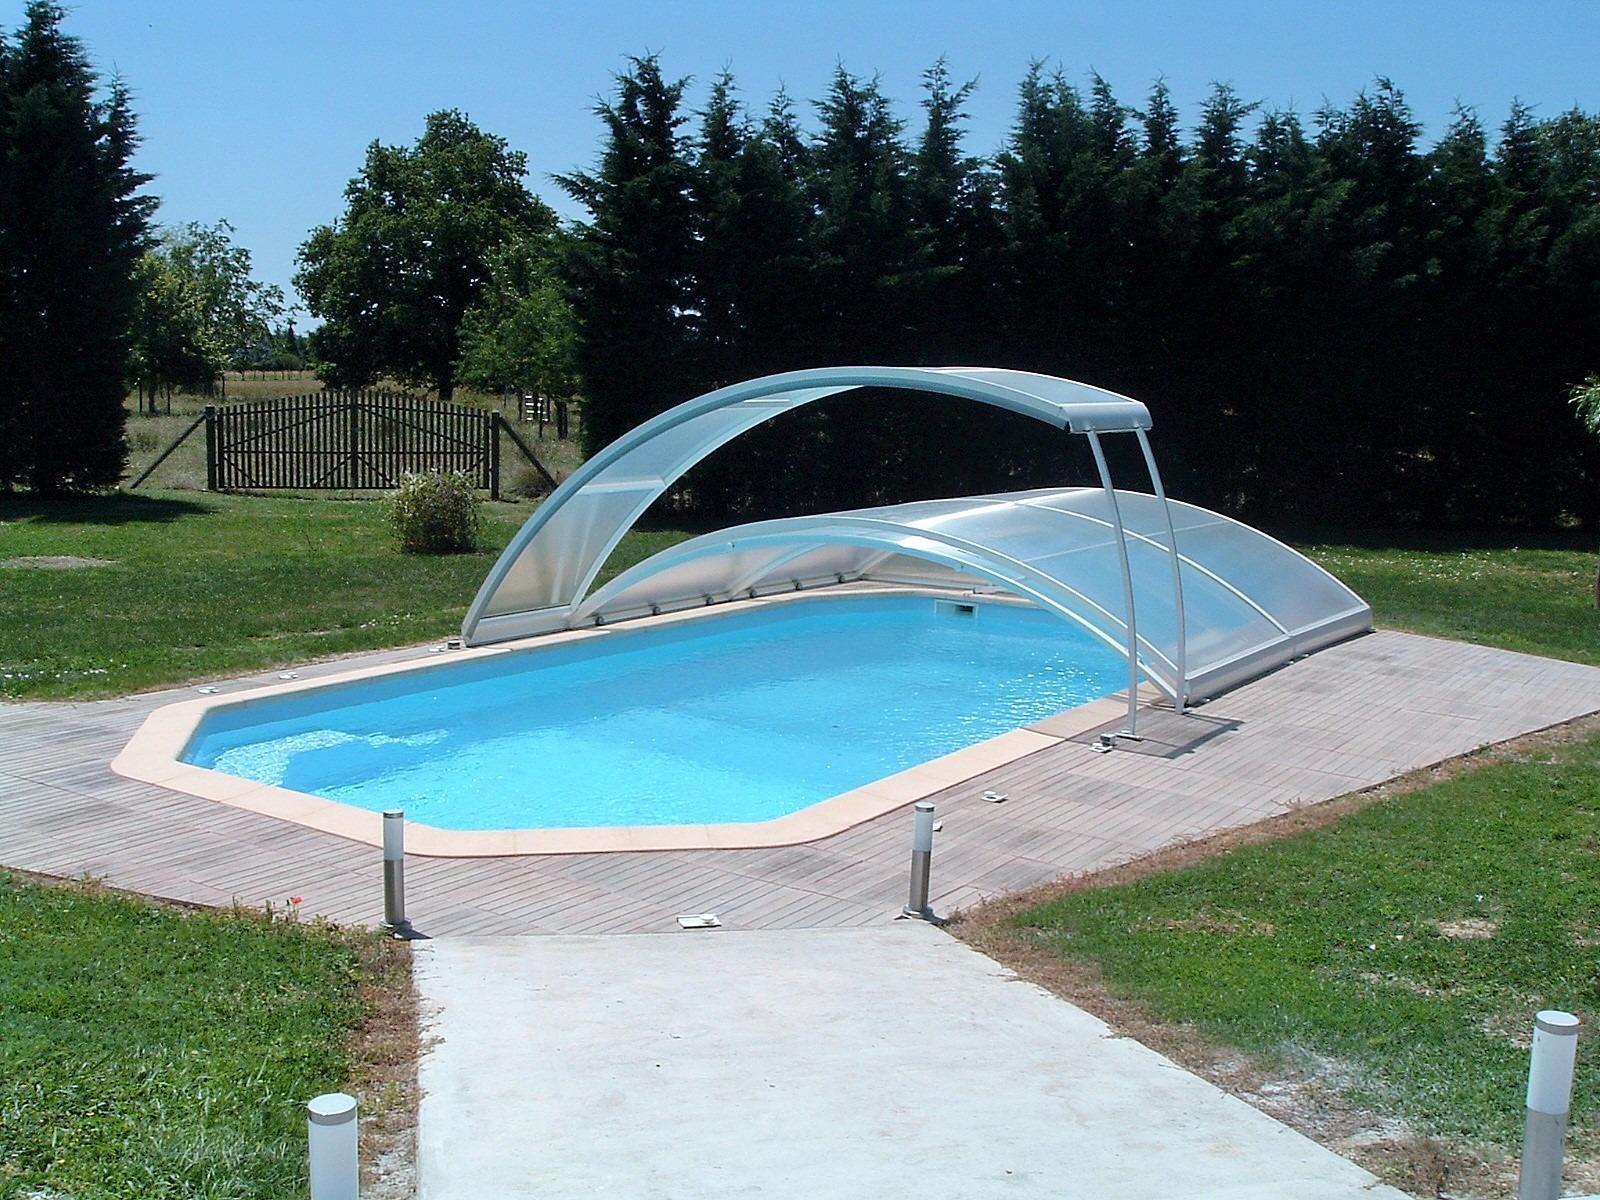 Lons le saunier jura 39000 8km vends belle villa 150m env - Piscine municipale lons le saunier ...